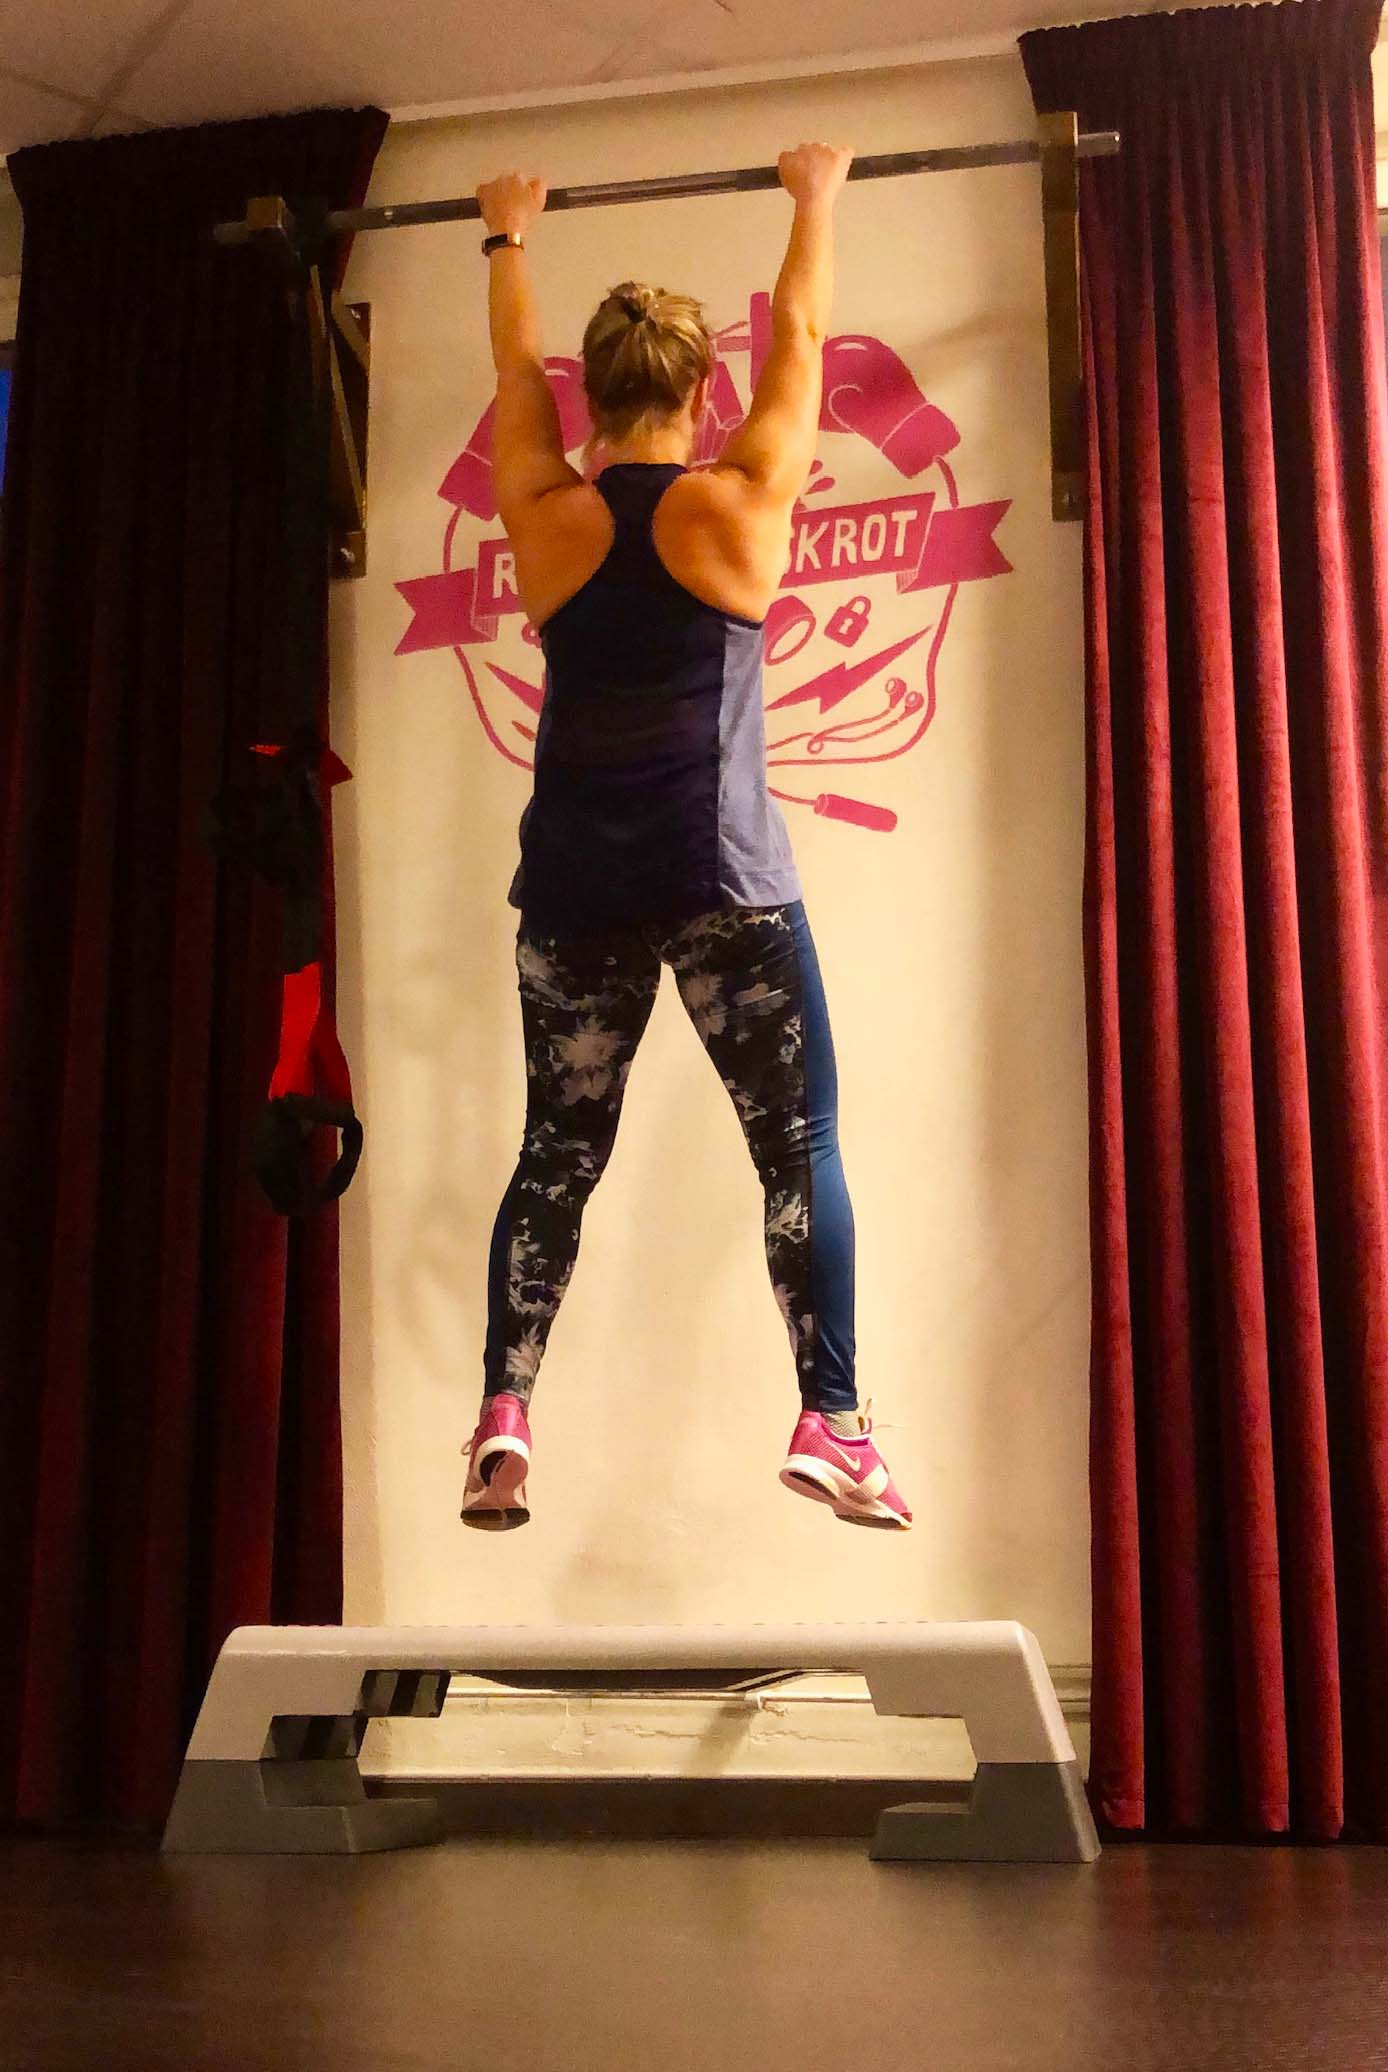 Samma träningskläder - träning på gym